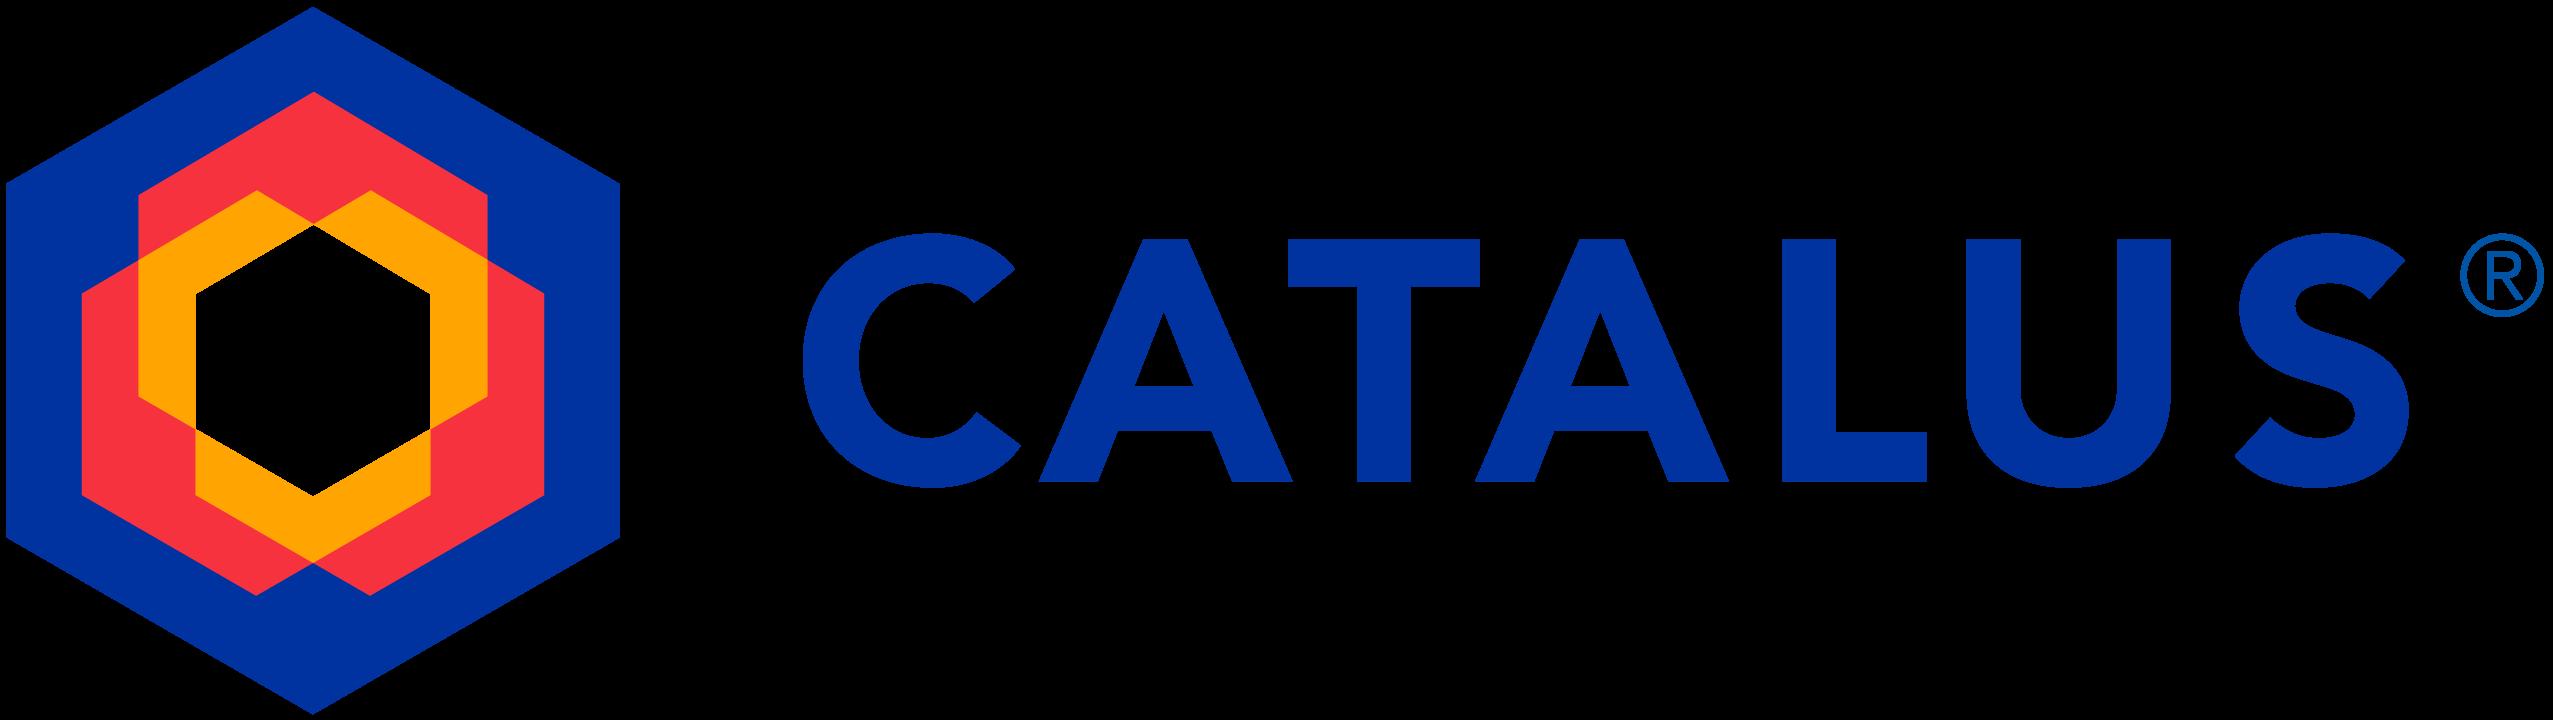 Catalus